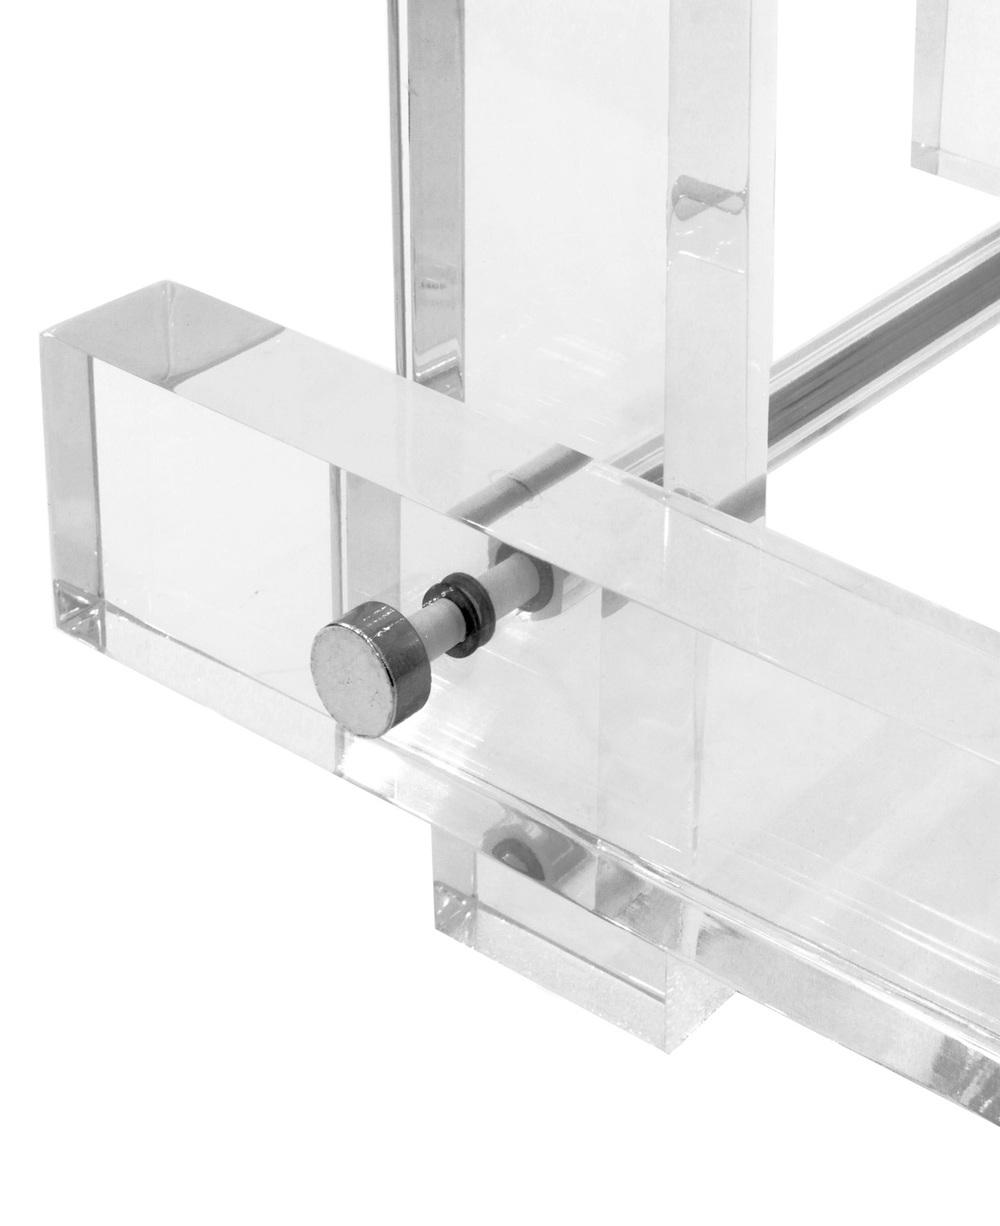 70's 45 lucite block chrome stre endtable139 detail1 hires copy.jpg